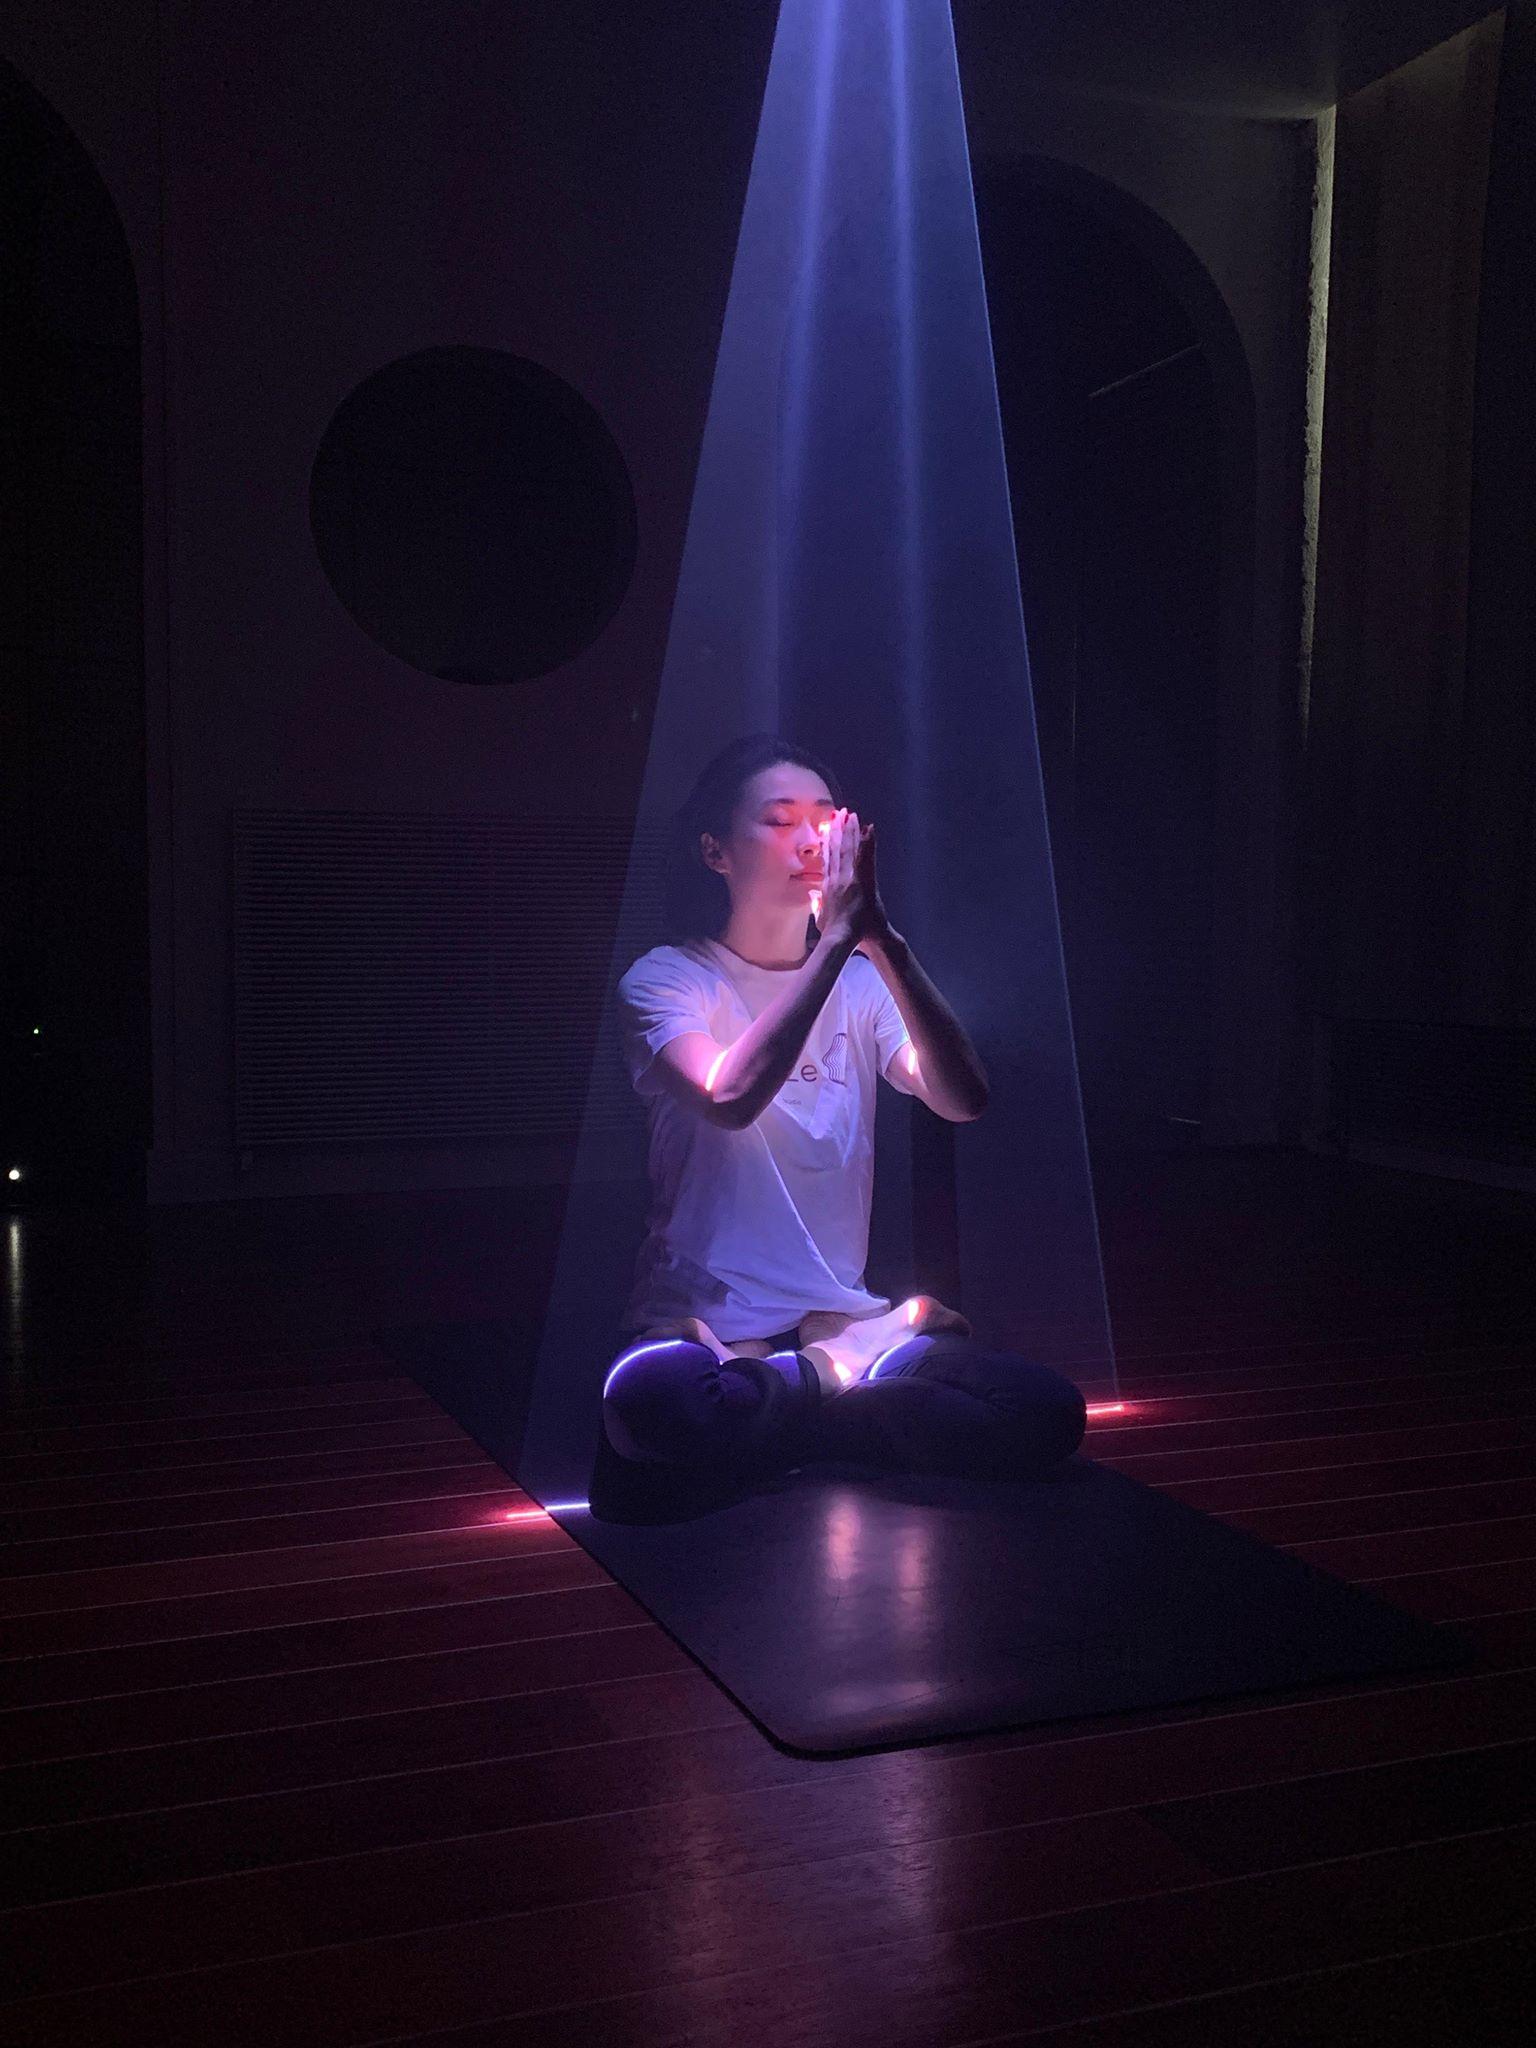 Snooze studoi meditation